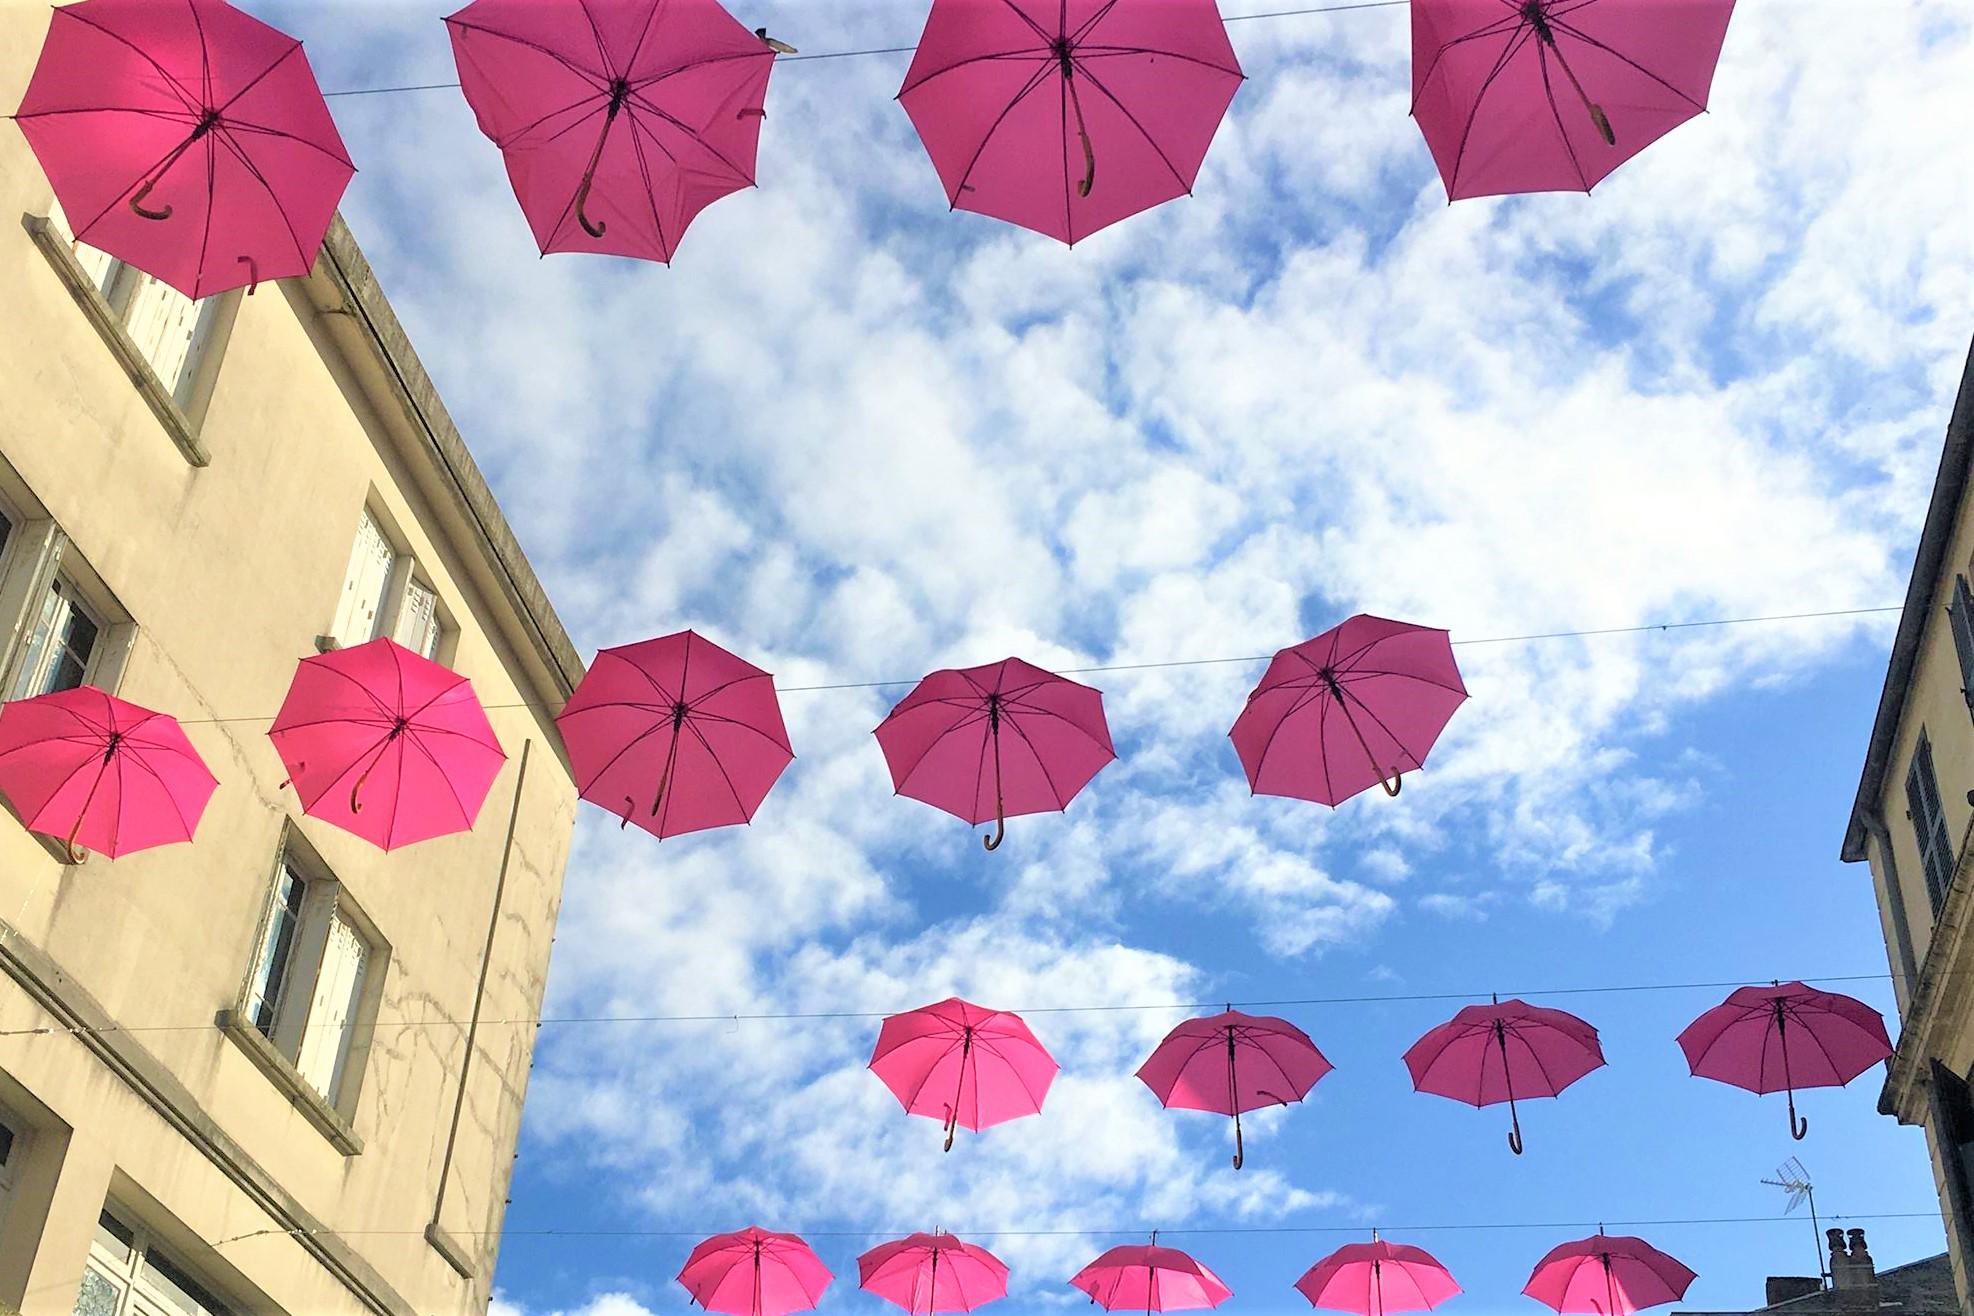 Des parapluies rose ornent de nombreuses villes, comme ici, à Rochefort-sur-Mer, (c) EB